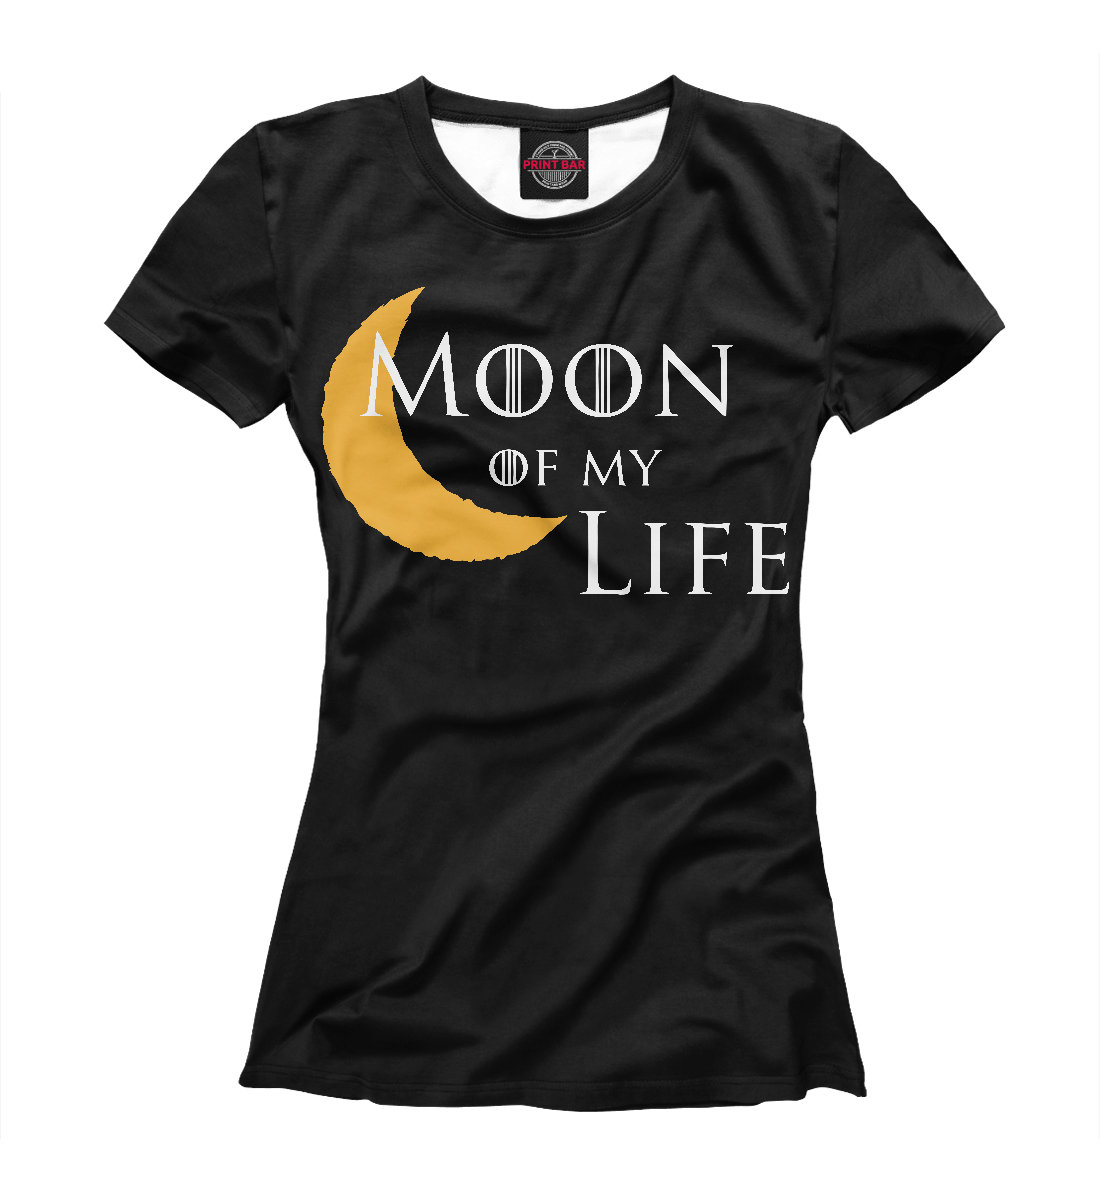 Купить Луна моей жизни, Printbar, Футболки, IGR-288083-fut-1